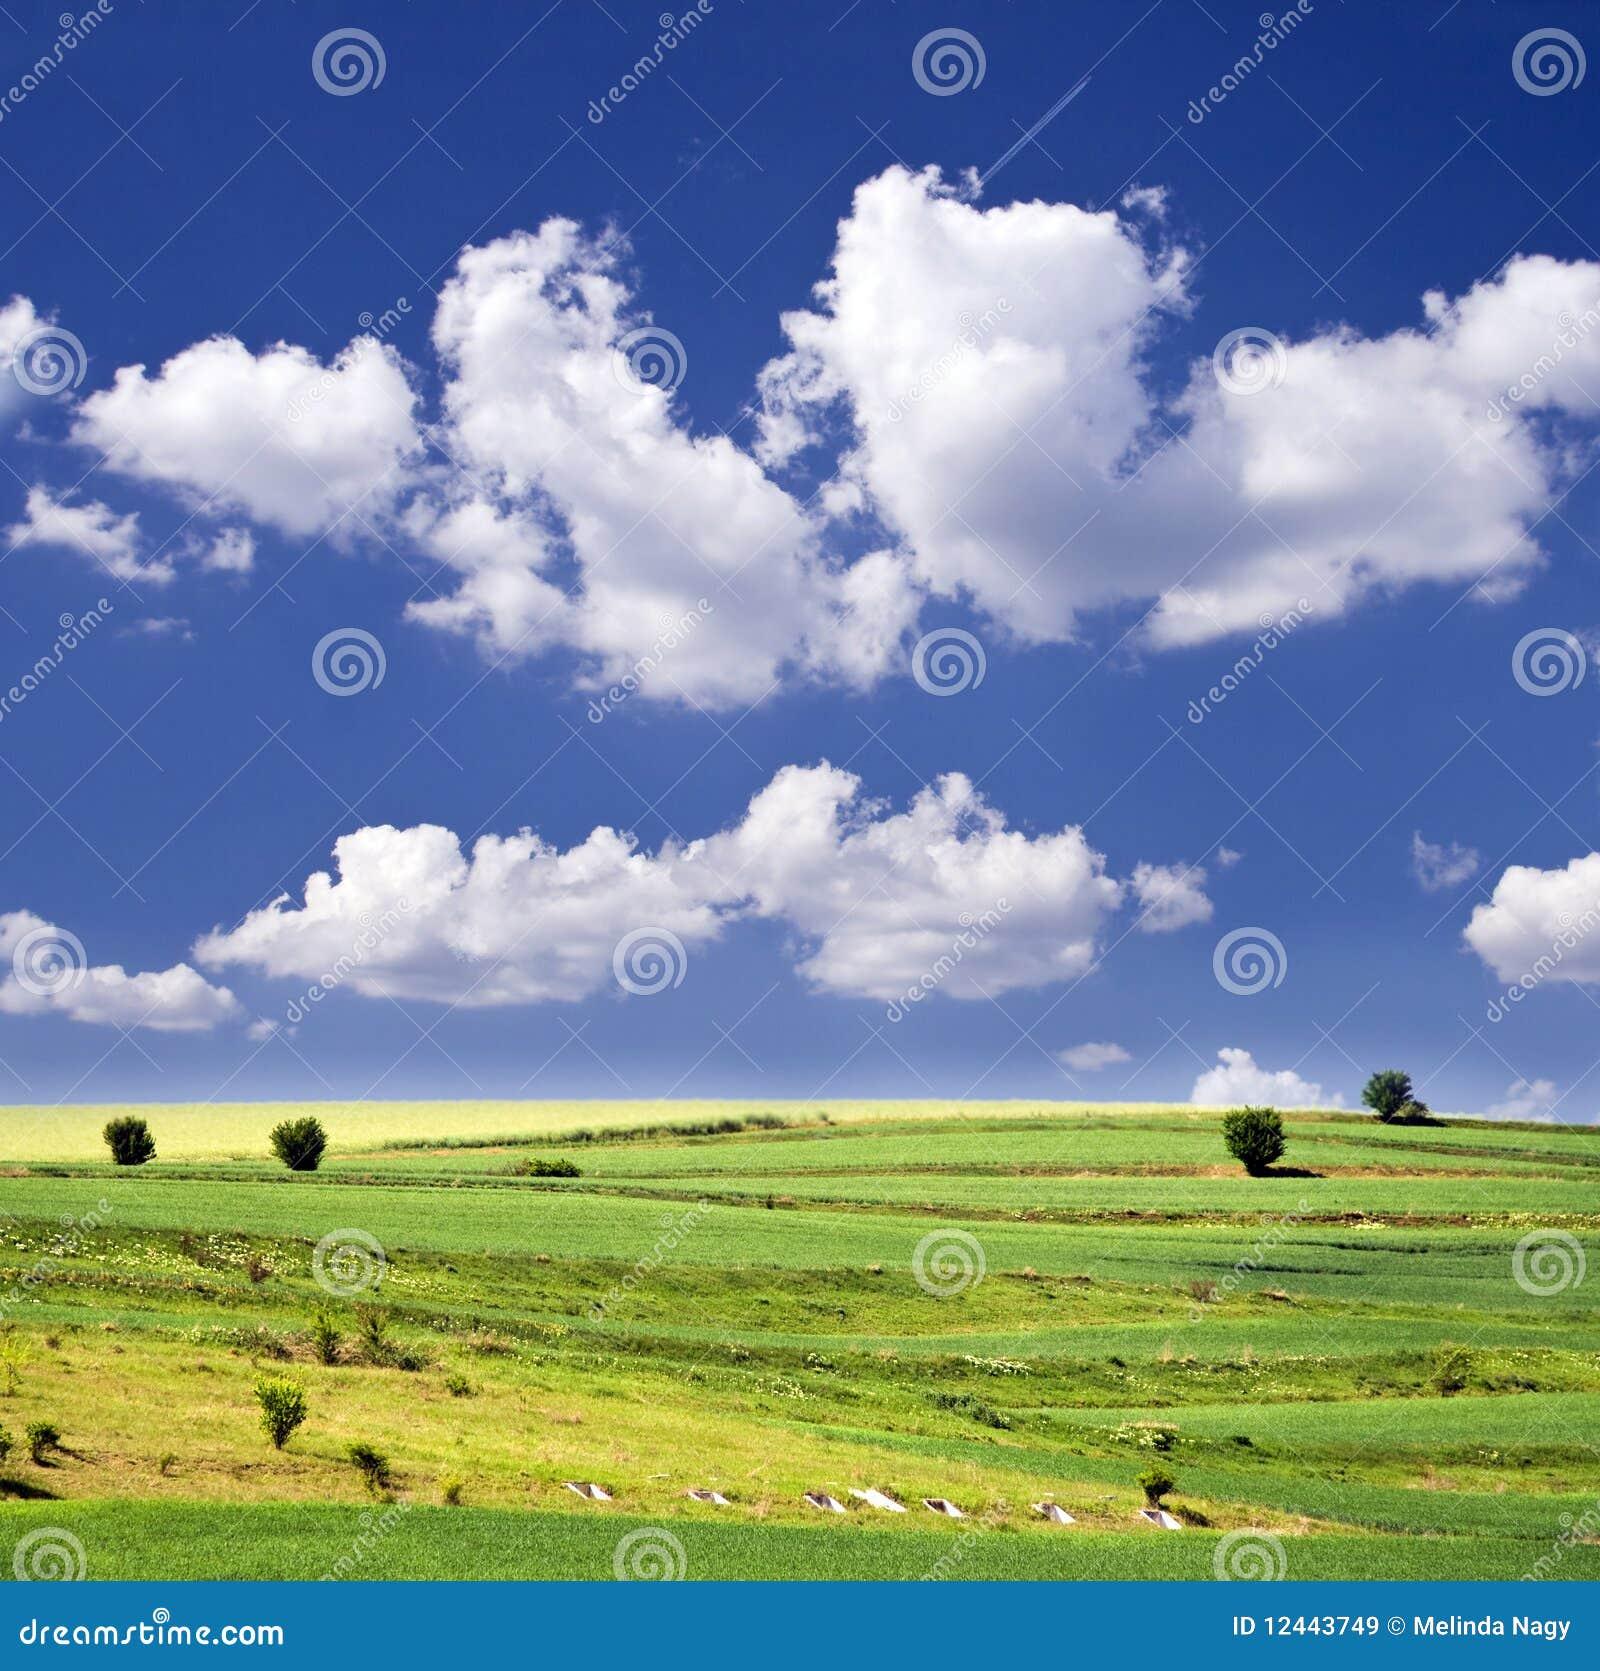 Images Gratuites Ciel Bleu Et Champ Vert Image Image 12443749